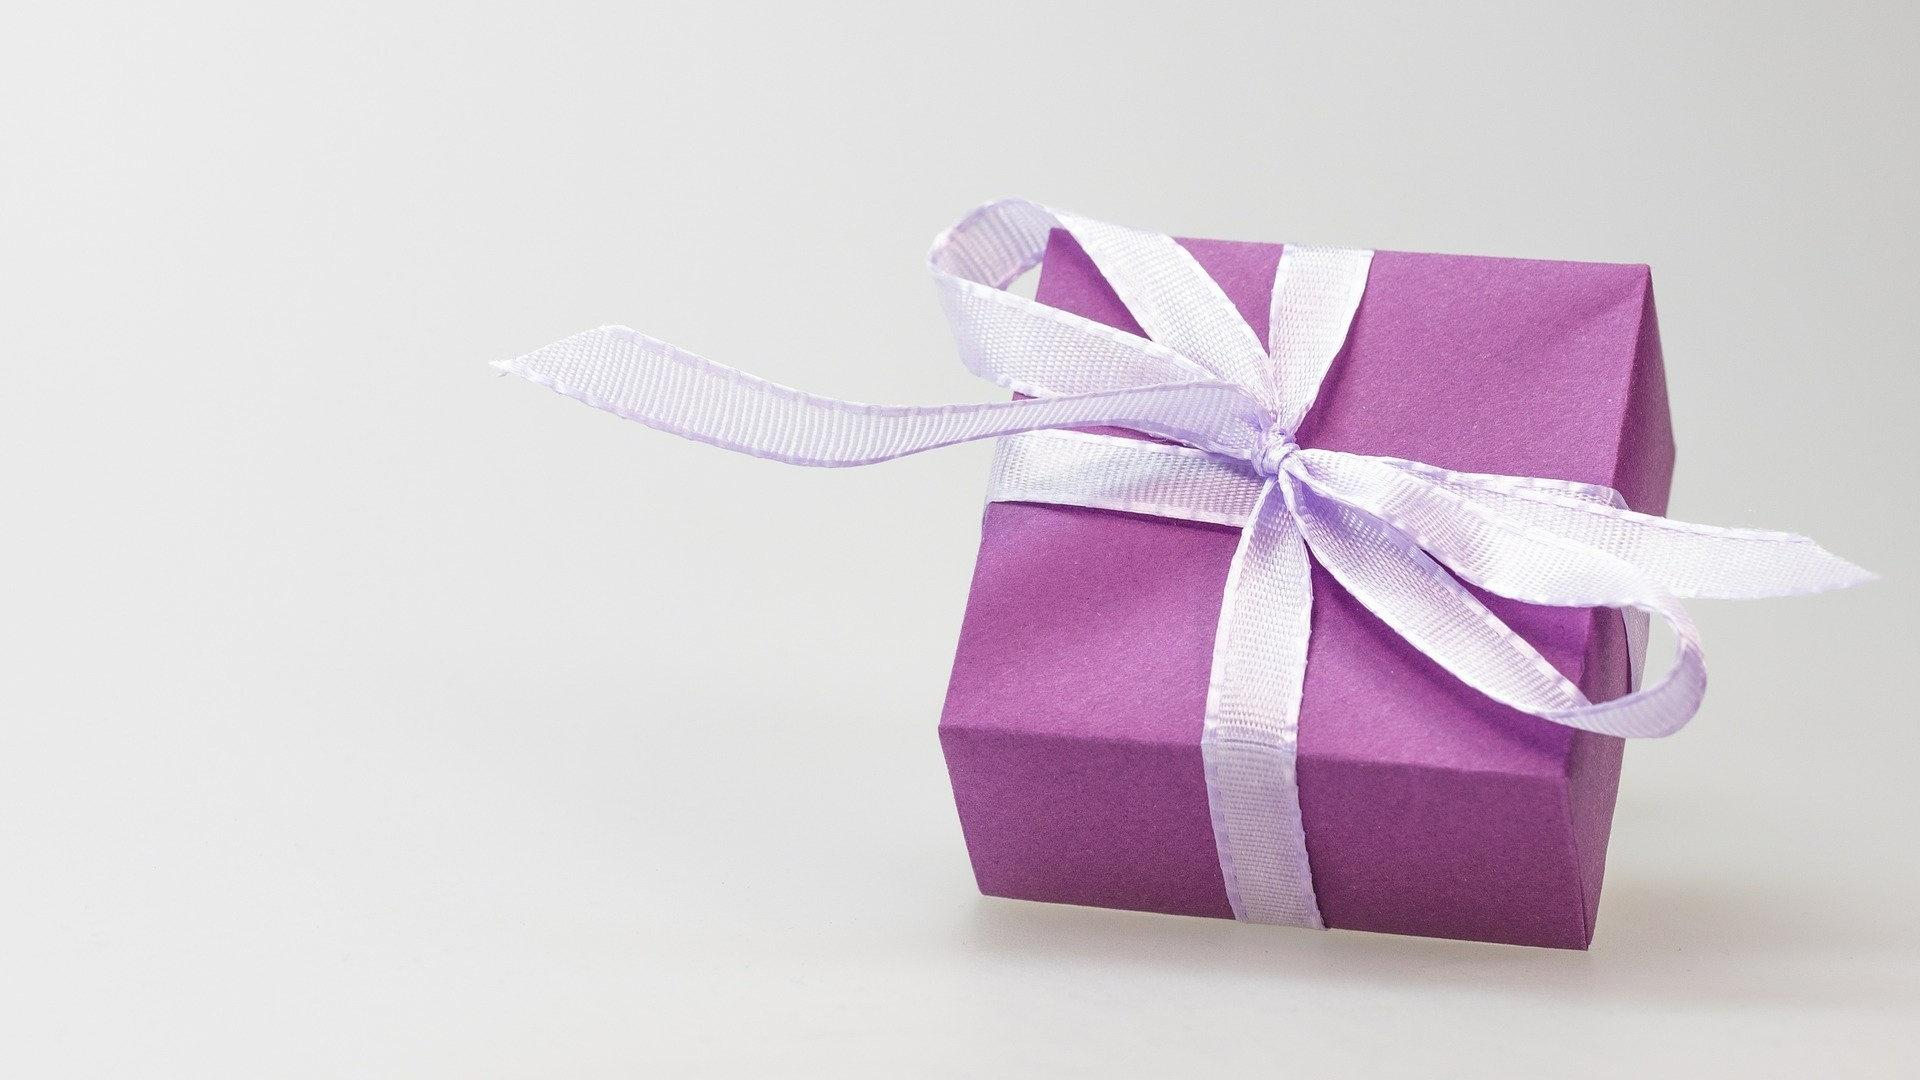 Sinnvolle Geschenke: 10 gute Ideen